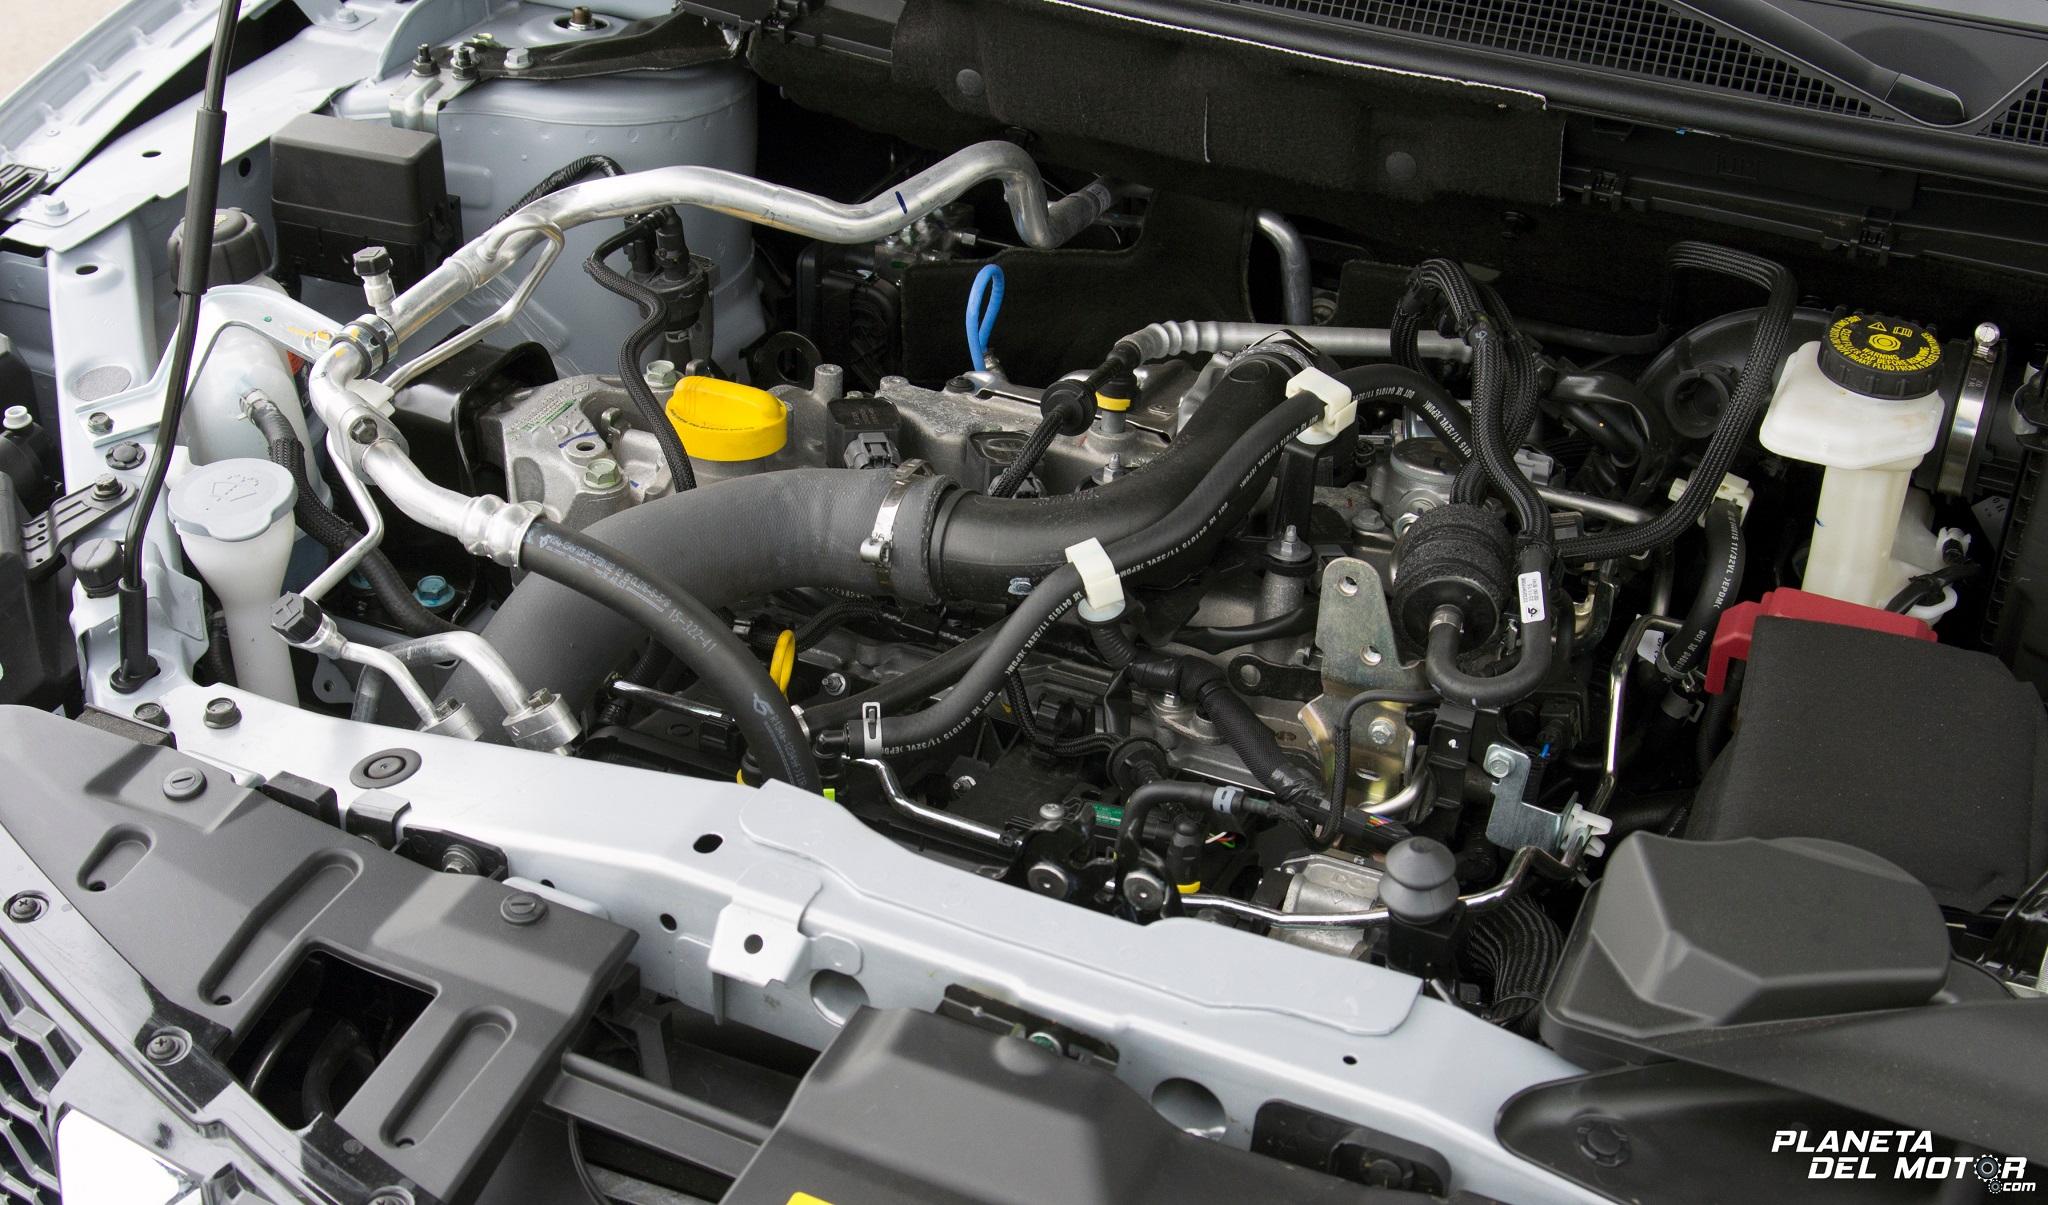 Prueba: Nissan Qashqai 1.2 DIG-T 4x2 Tekna - Planeta del Motor